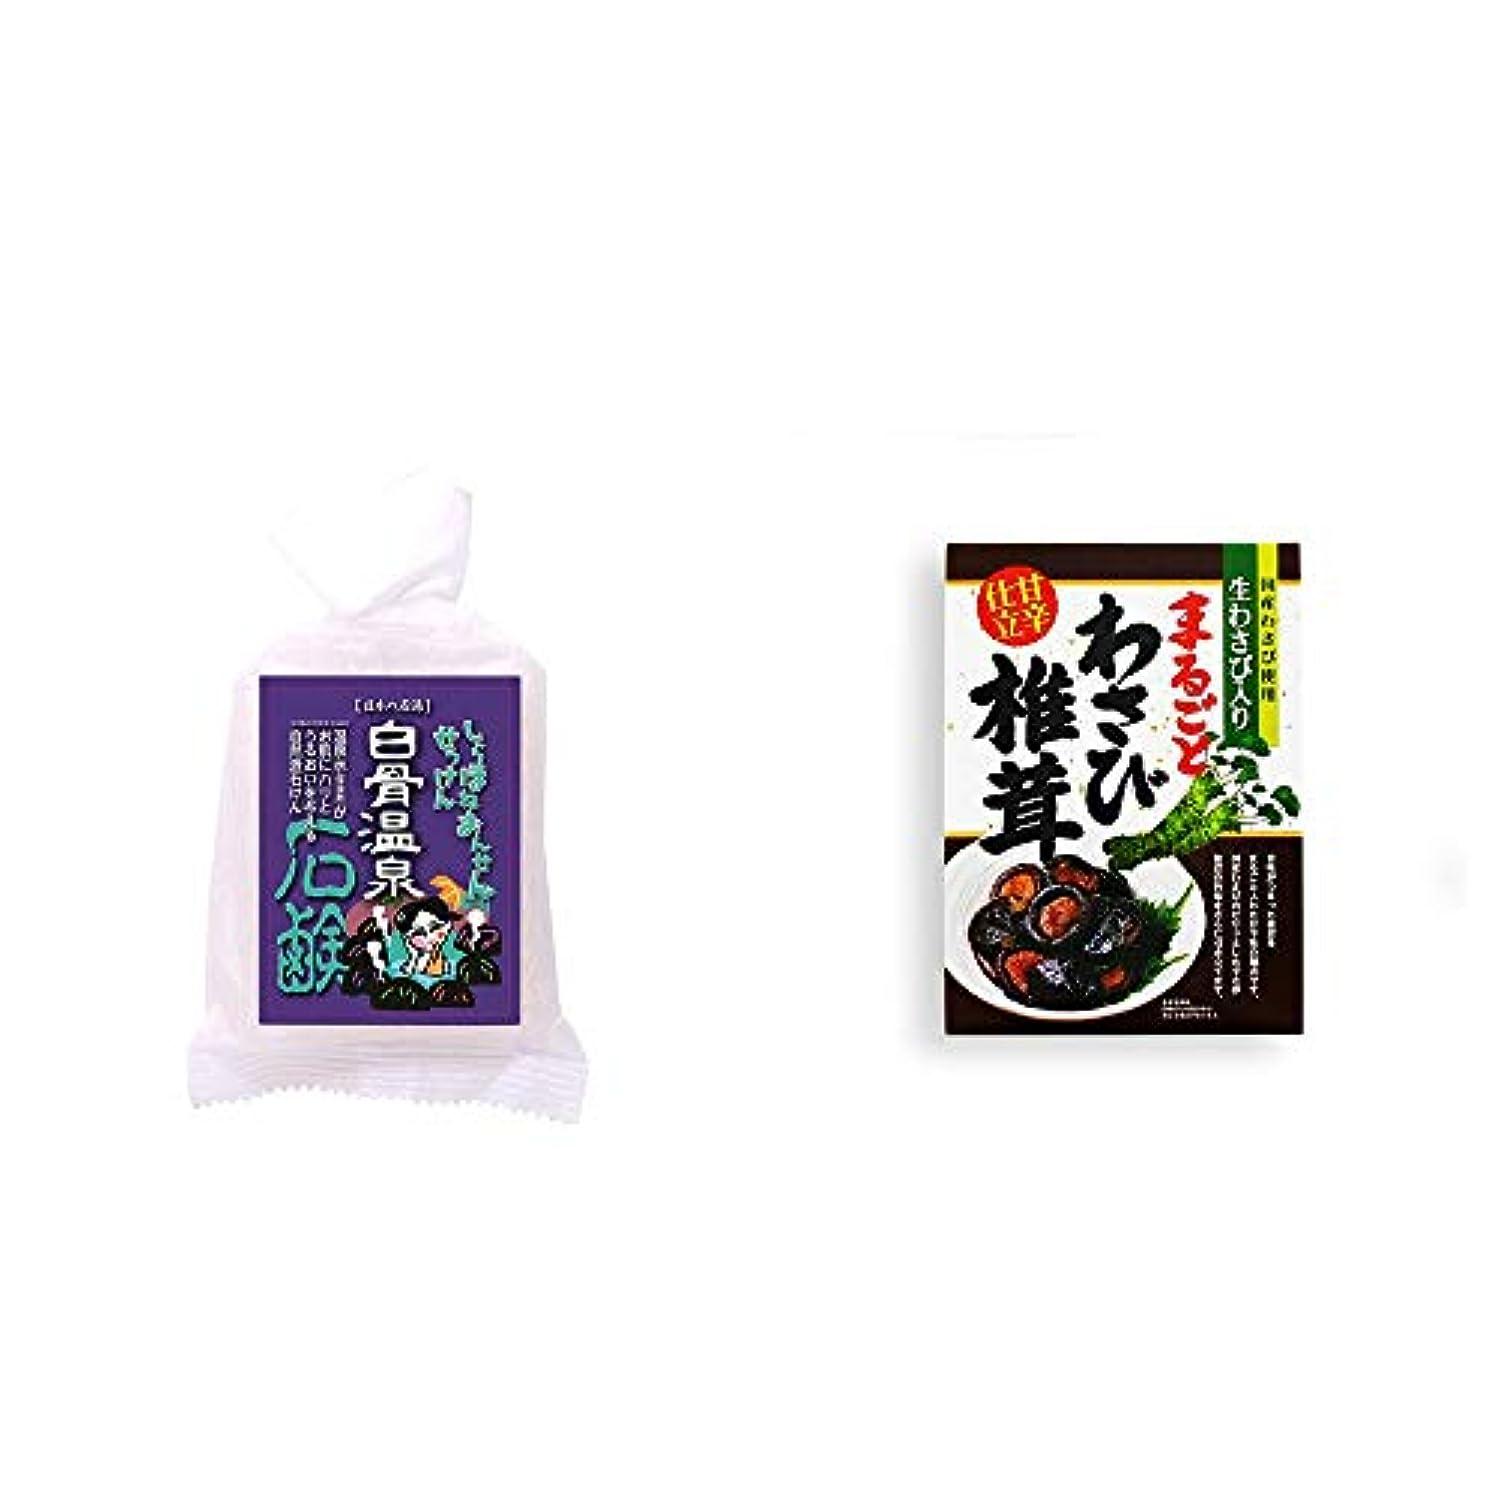 おなじみの有益な買う[2点セット] 信州 白骨温泉石鹸(80g)?まるごとわさび椎茸(200g)